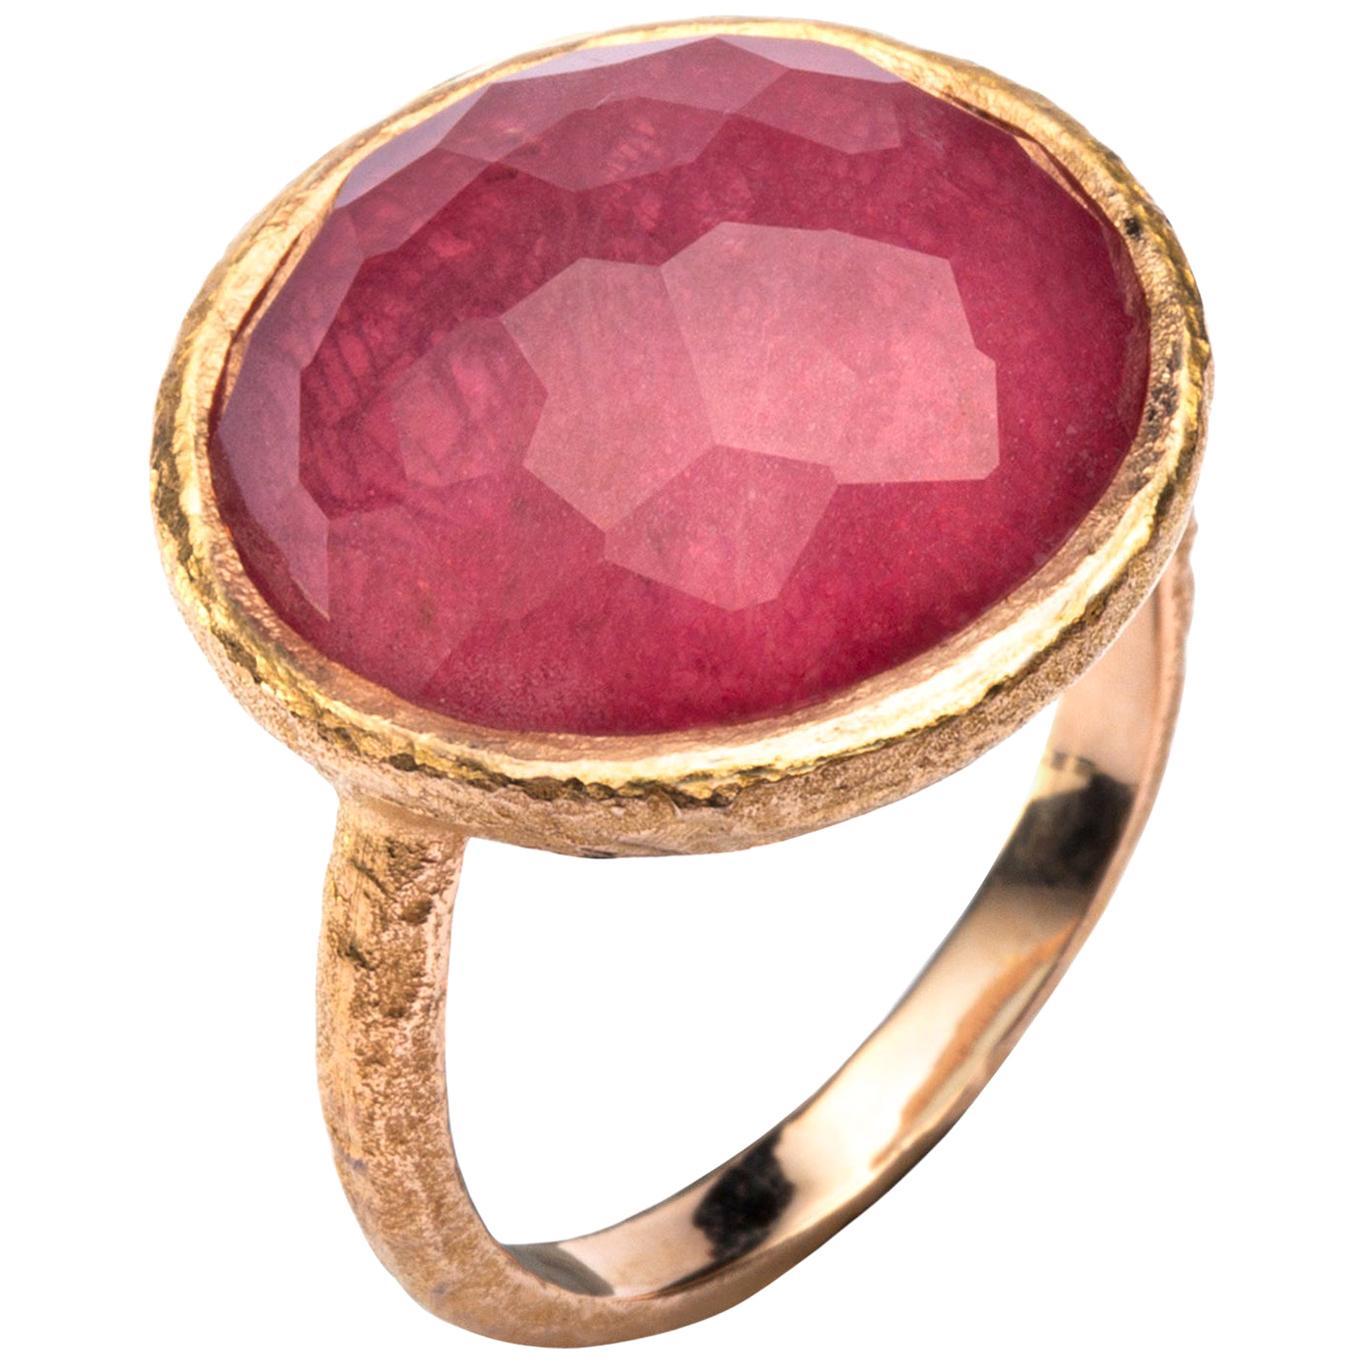 Alex Jona Quartz Ruby 18 Karat Yellow Gold Ring